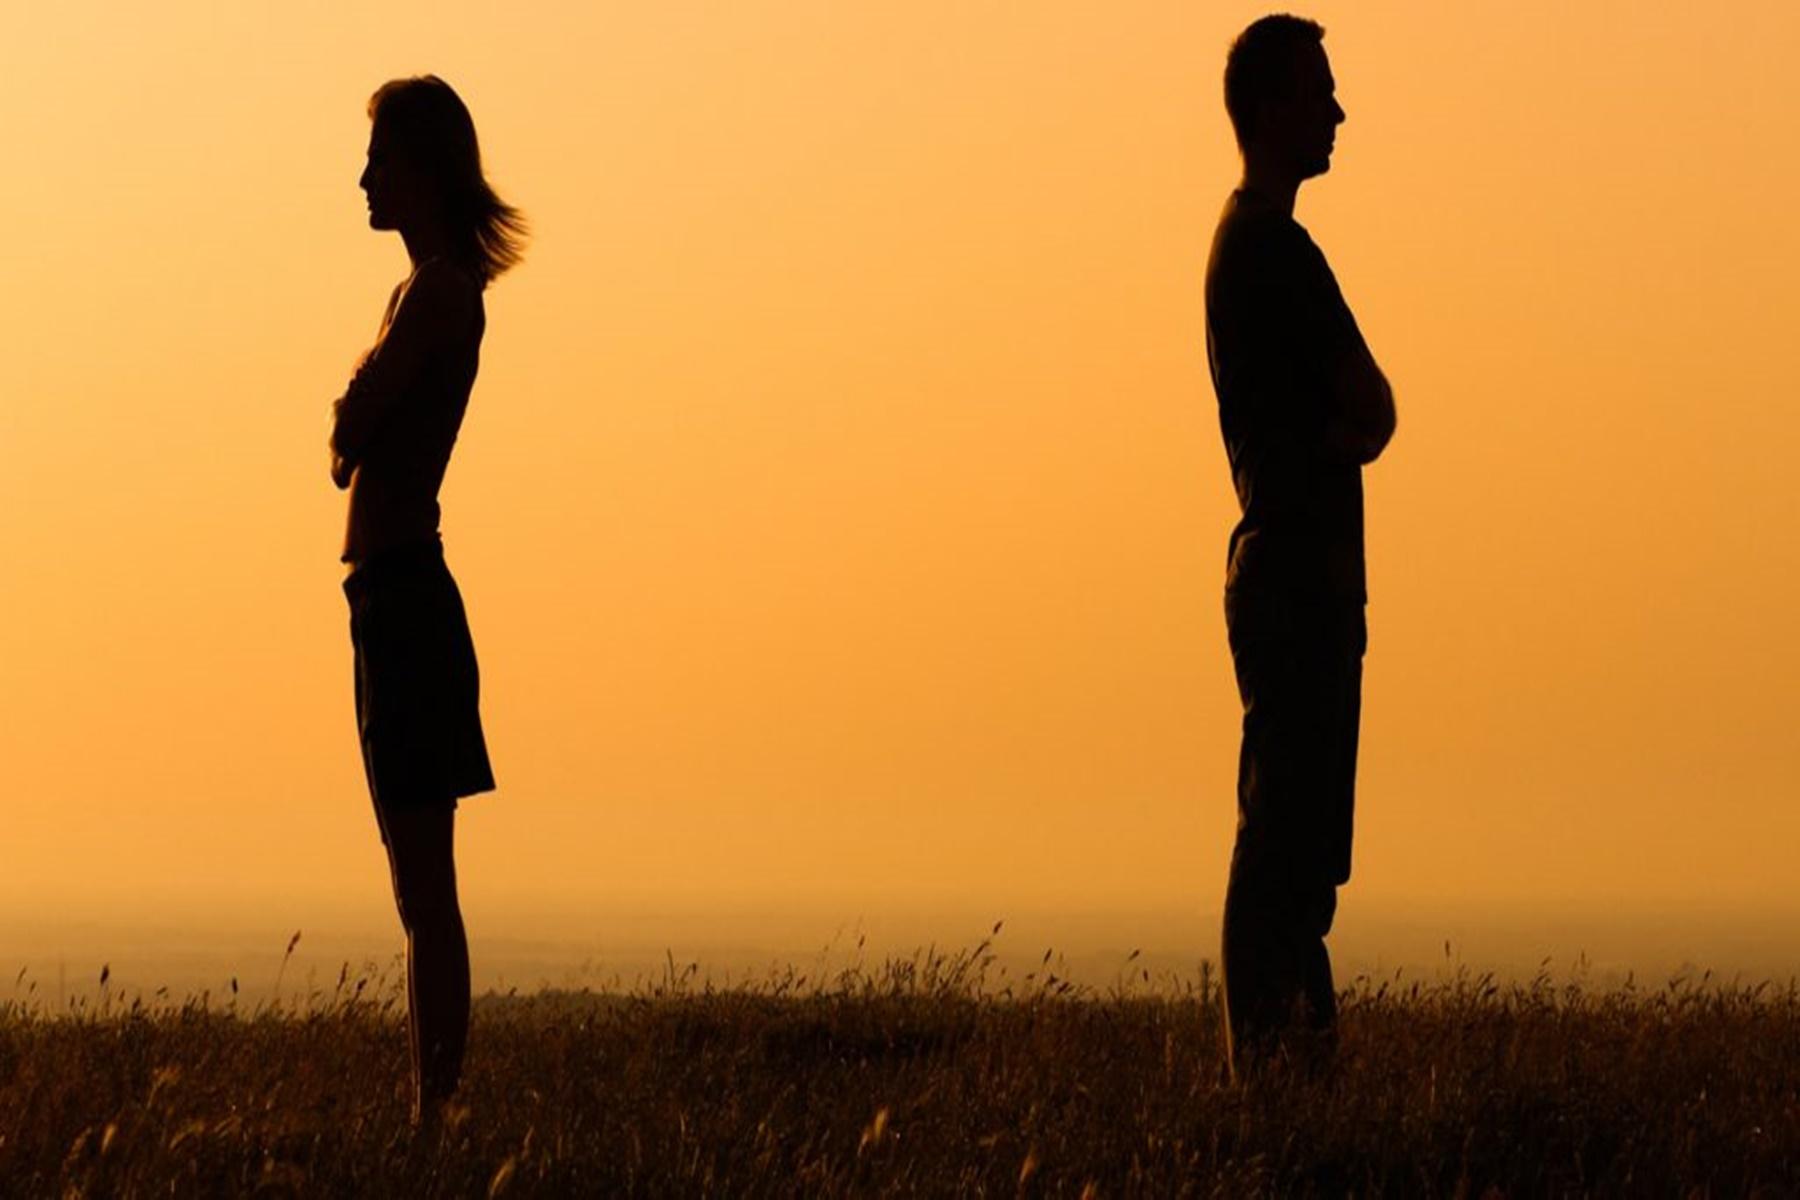 Χωρισμός : Συμβουλές για να τον ξεπεράσετε